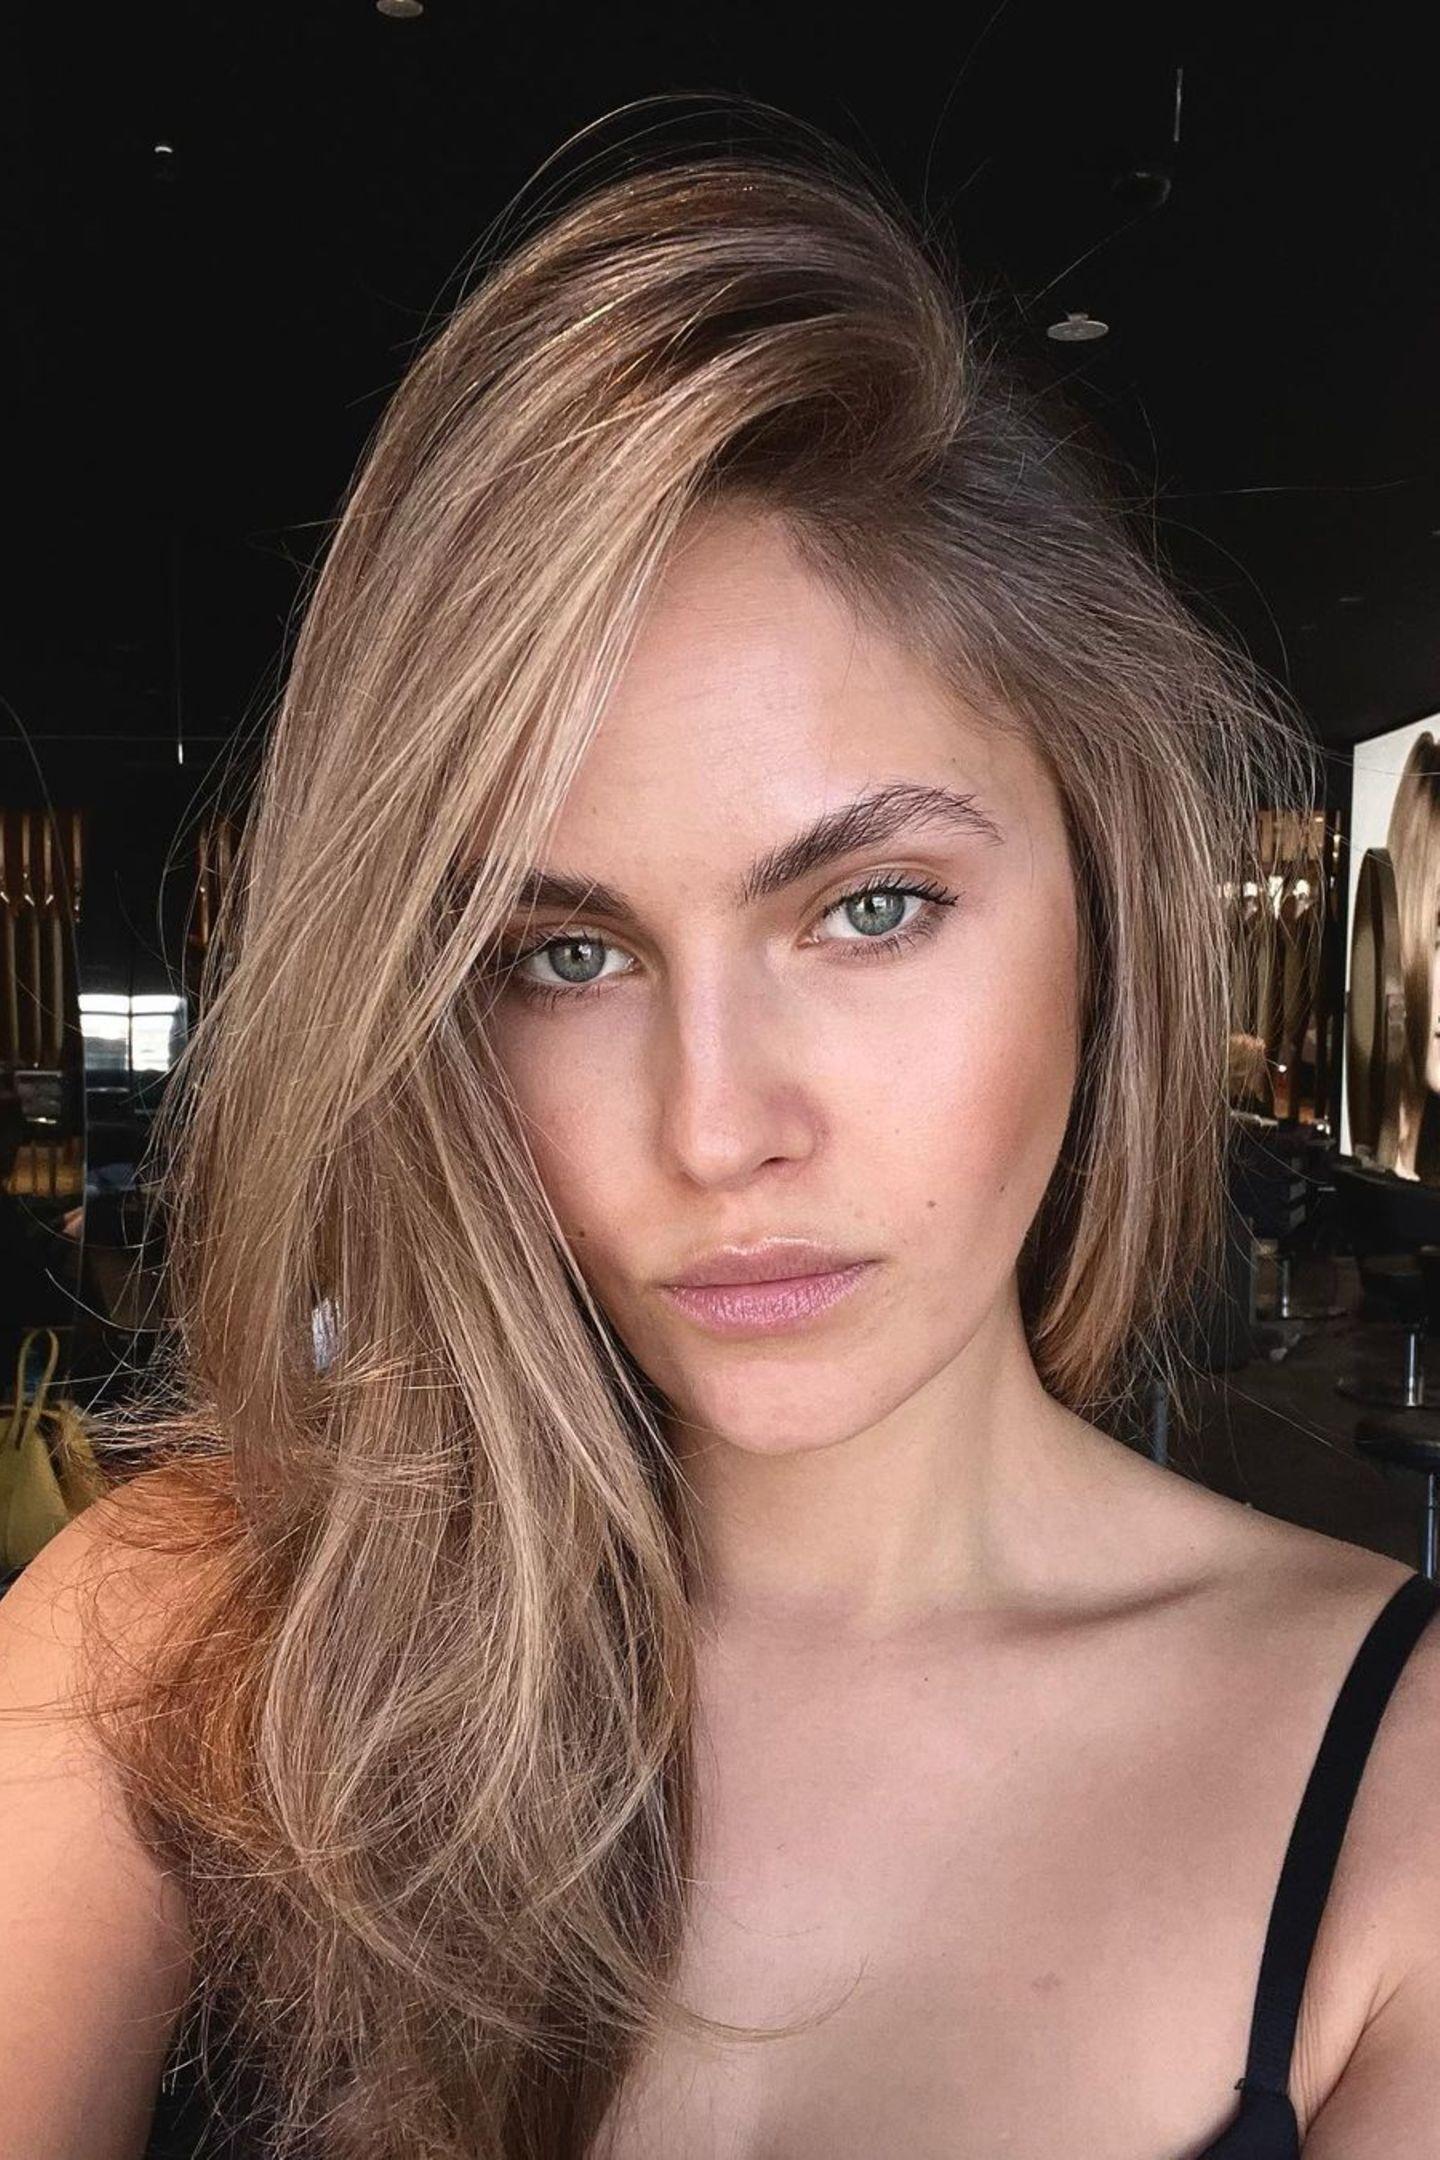 """Mit seiner authentischen und witzigen Art begeistert das Model rund sechs Jahre später über eine halbe Millionen Follower auf Instagram. Die lockige Mähne trägt sie neuerdings kurz: """"Ich gewöhne mich noch daran, wenn ich ehrlich bin,hatte die Haare noch nie so kurz"""", erklärt sie unter diesem Foto."""